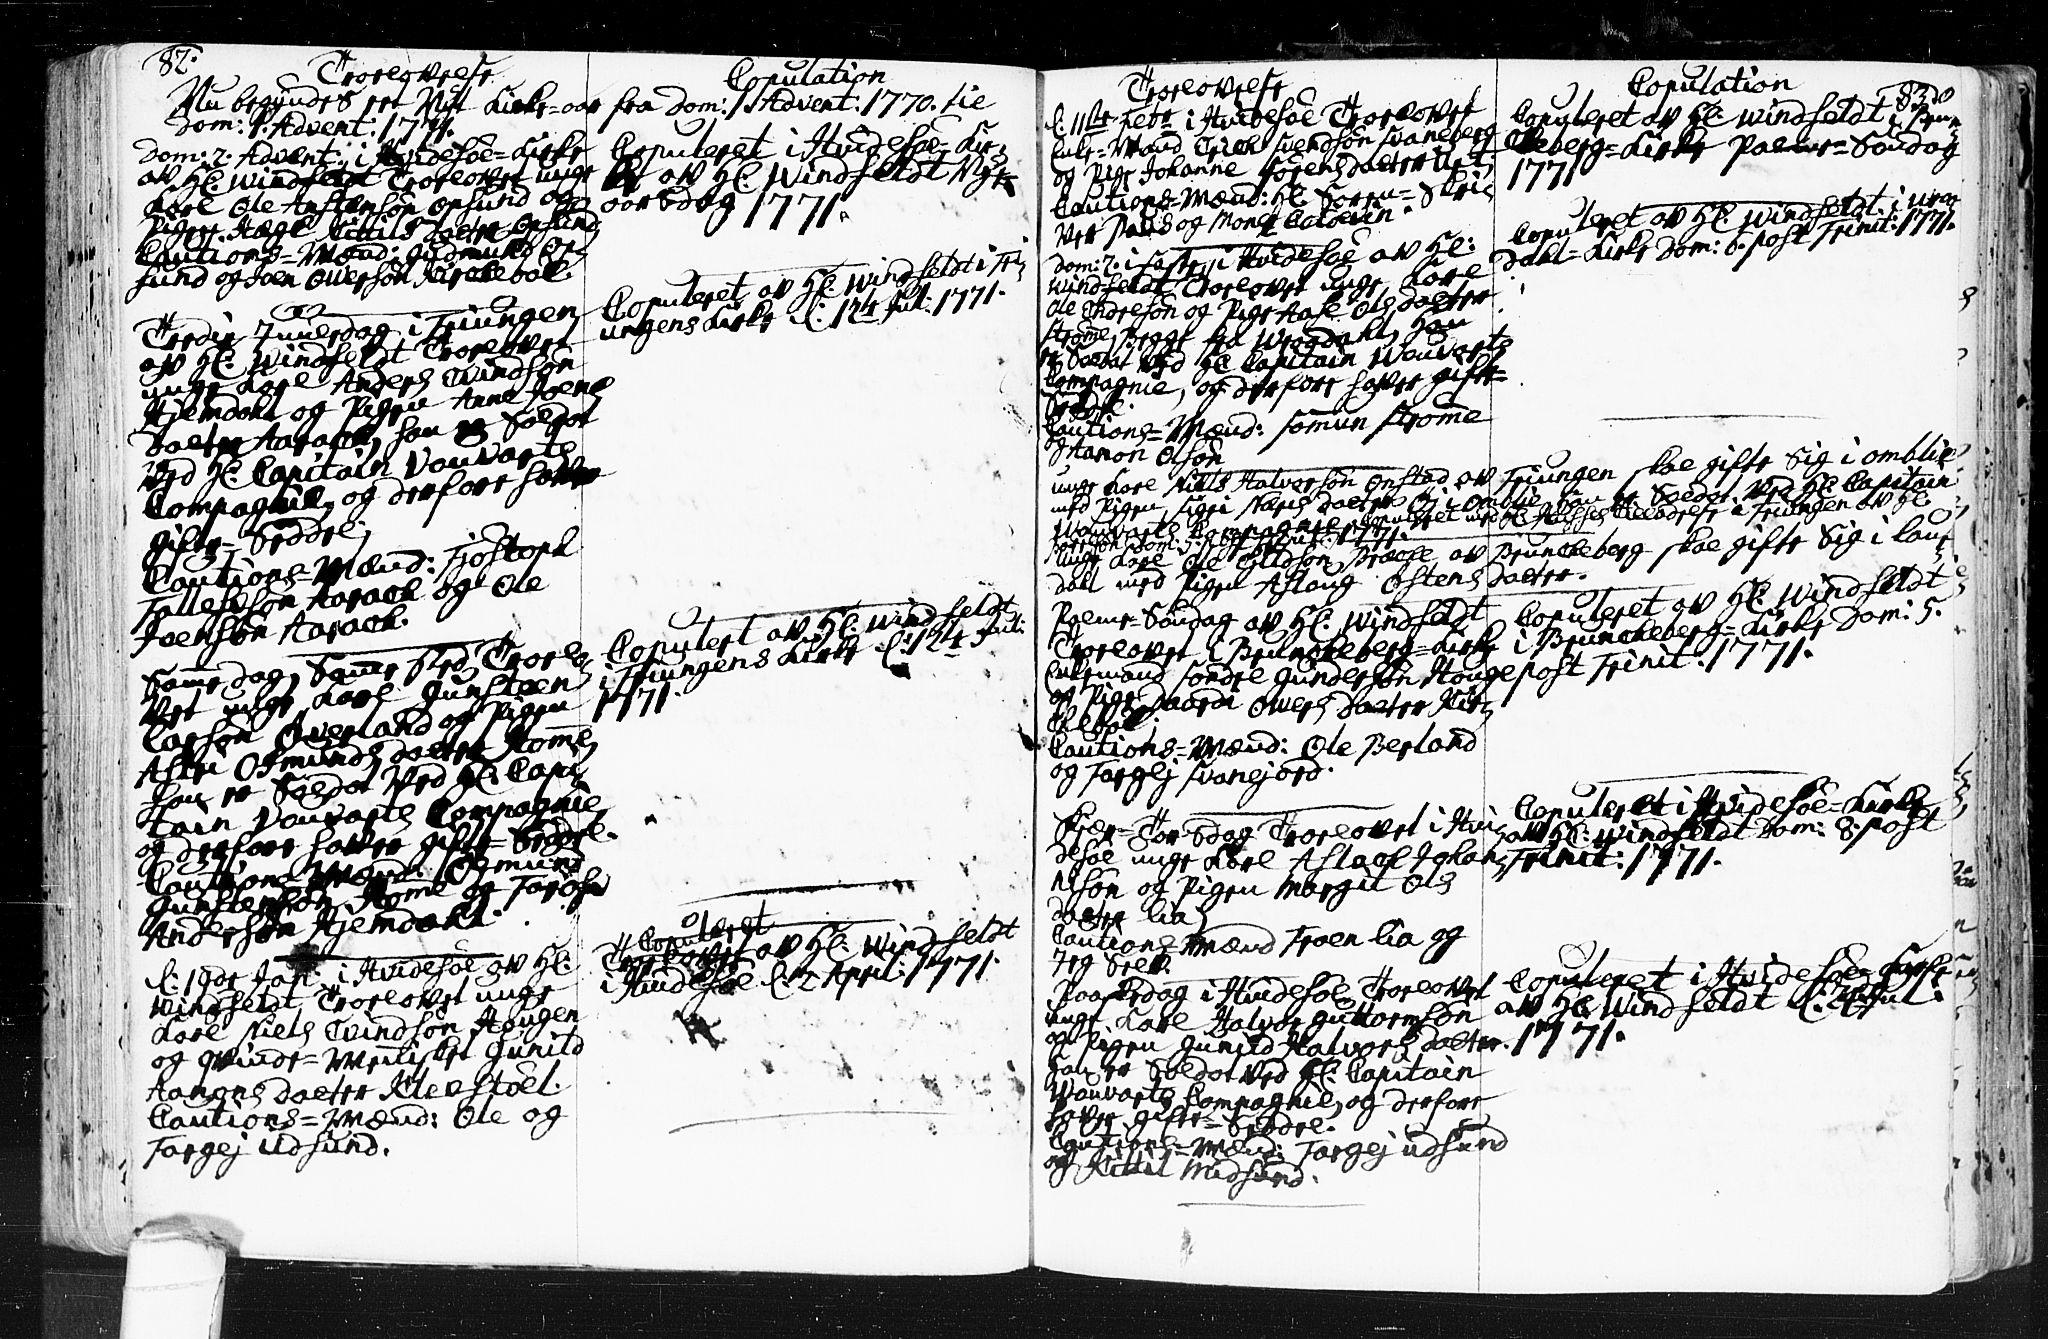 SAKO, Kviteseid kirkebøker, F/Fa/L0001: Ministerialbok nr. I 1, 1754-1773, s. 82-83